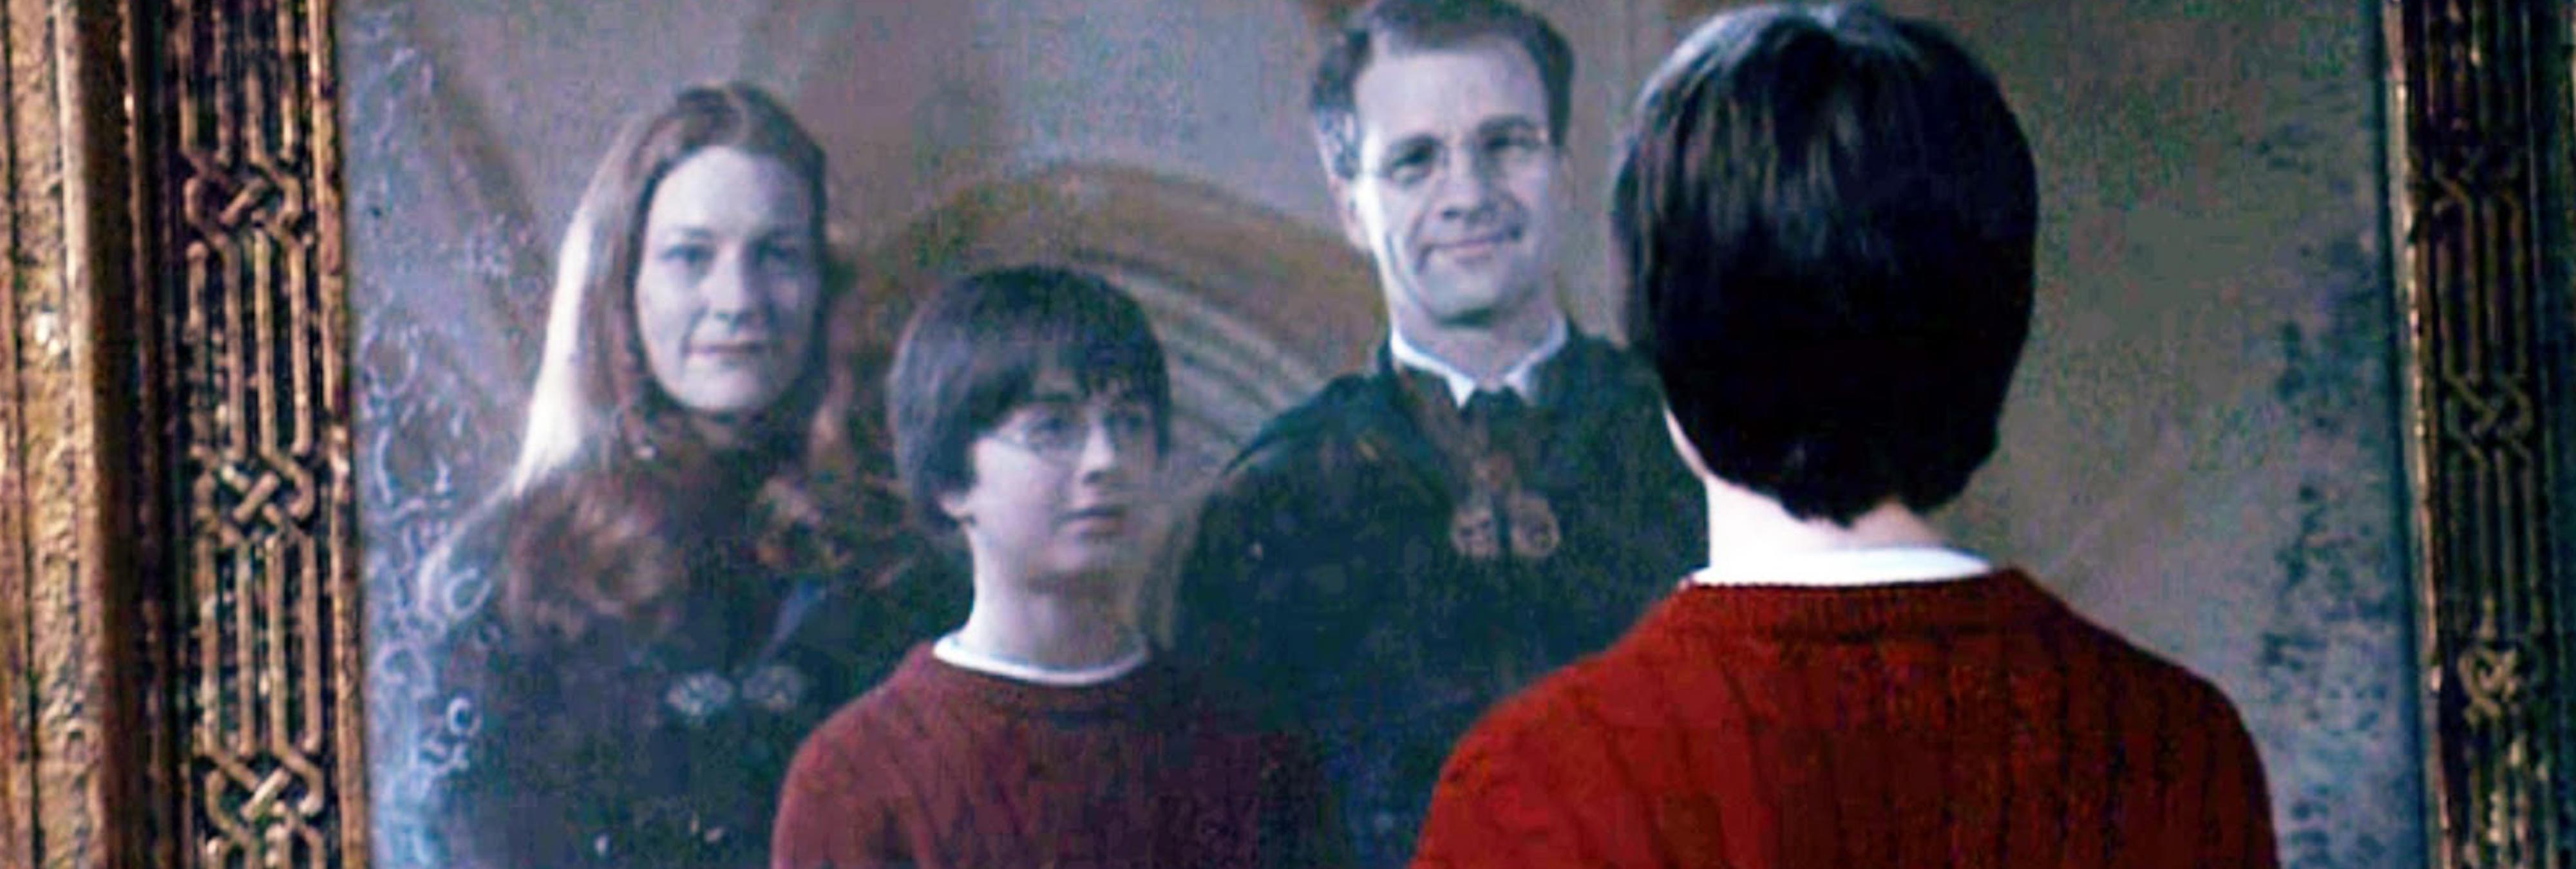 J.K. Rowling explica cómo murieron los abuelos de Harry Potter